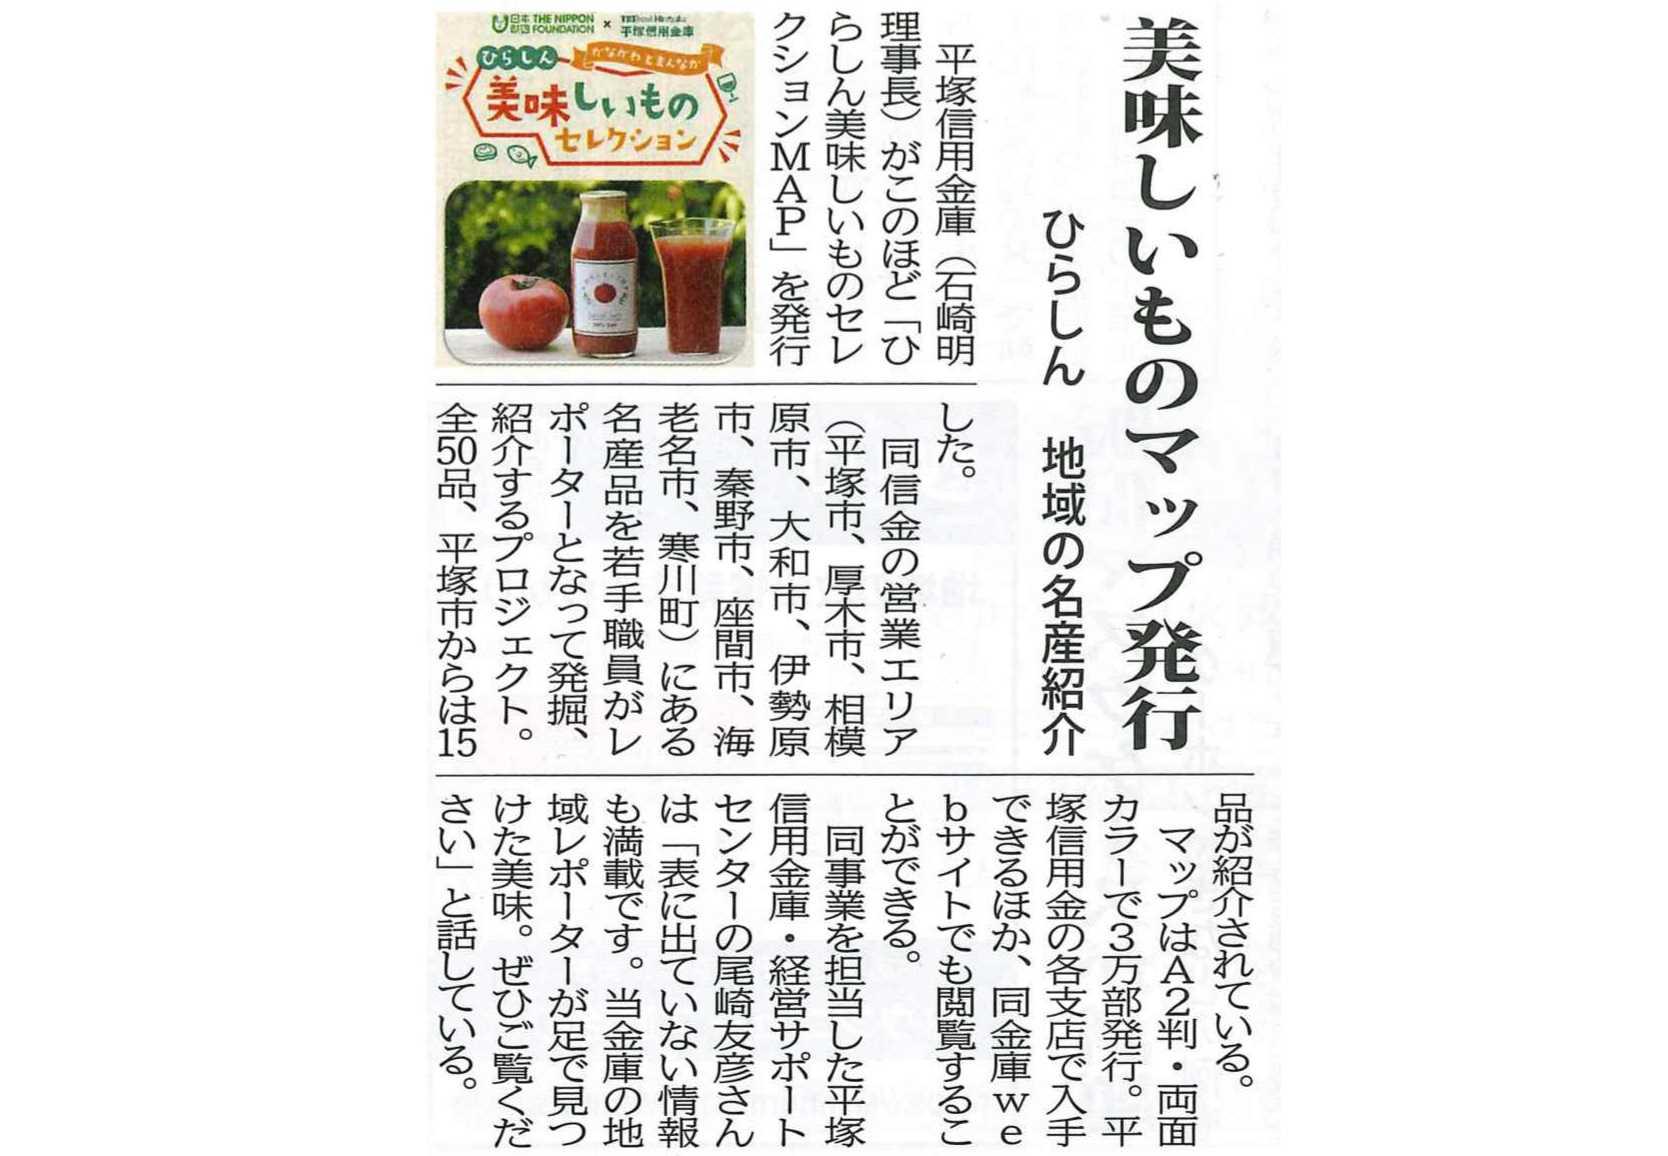 タウンニュース「ひらしん美味しいものセレクションMAP」に「湘南とまと工房」が紹介されました。